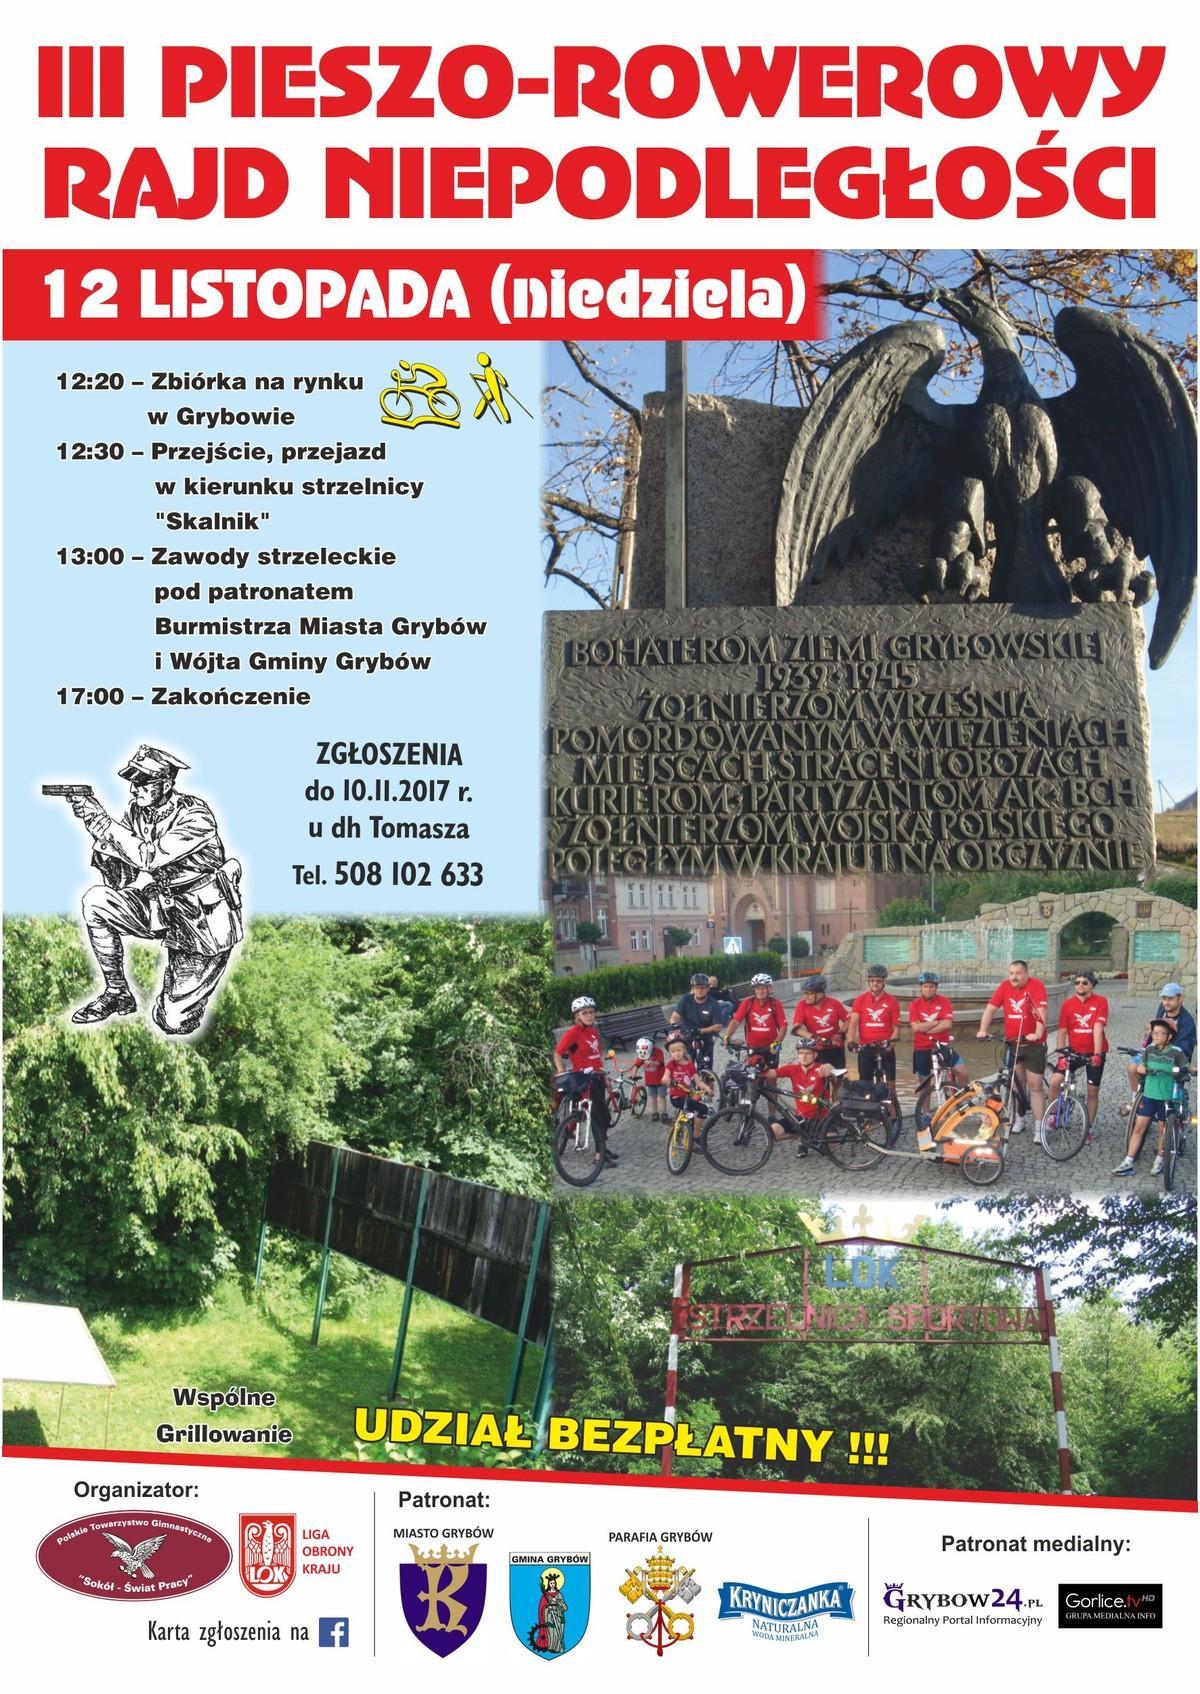 Plakat: III Pieszo-Rowerowy Rajd Niepodległości